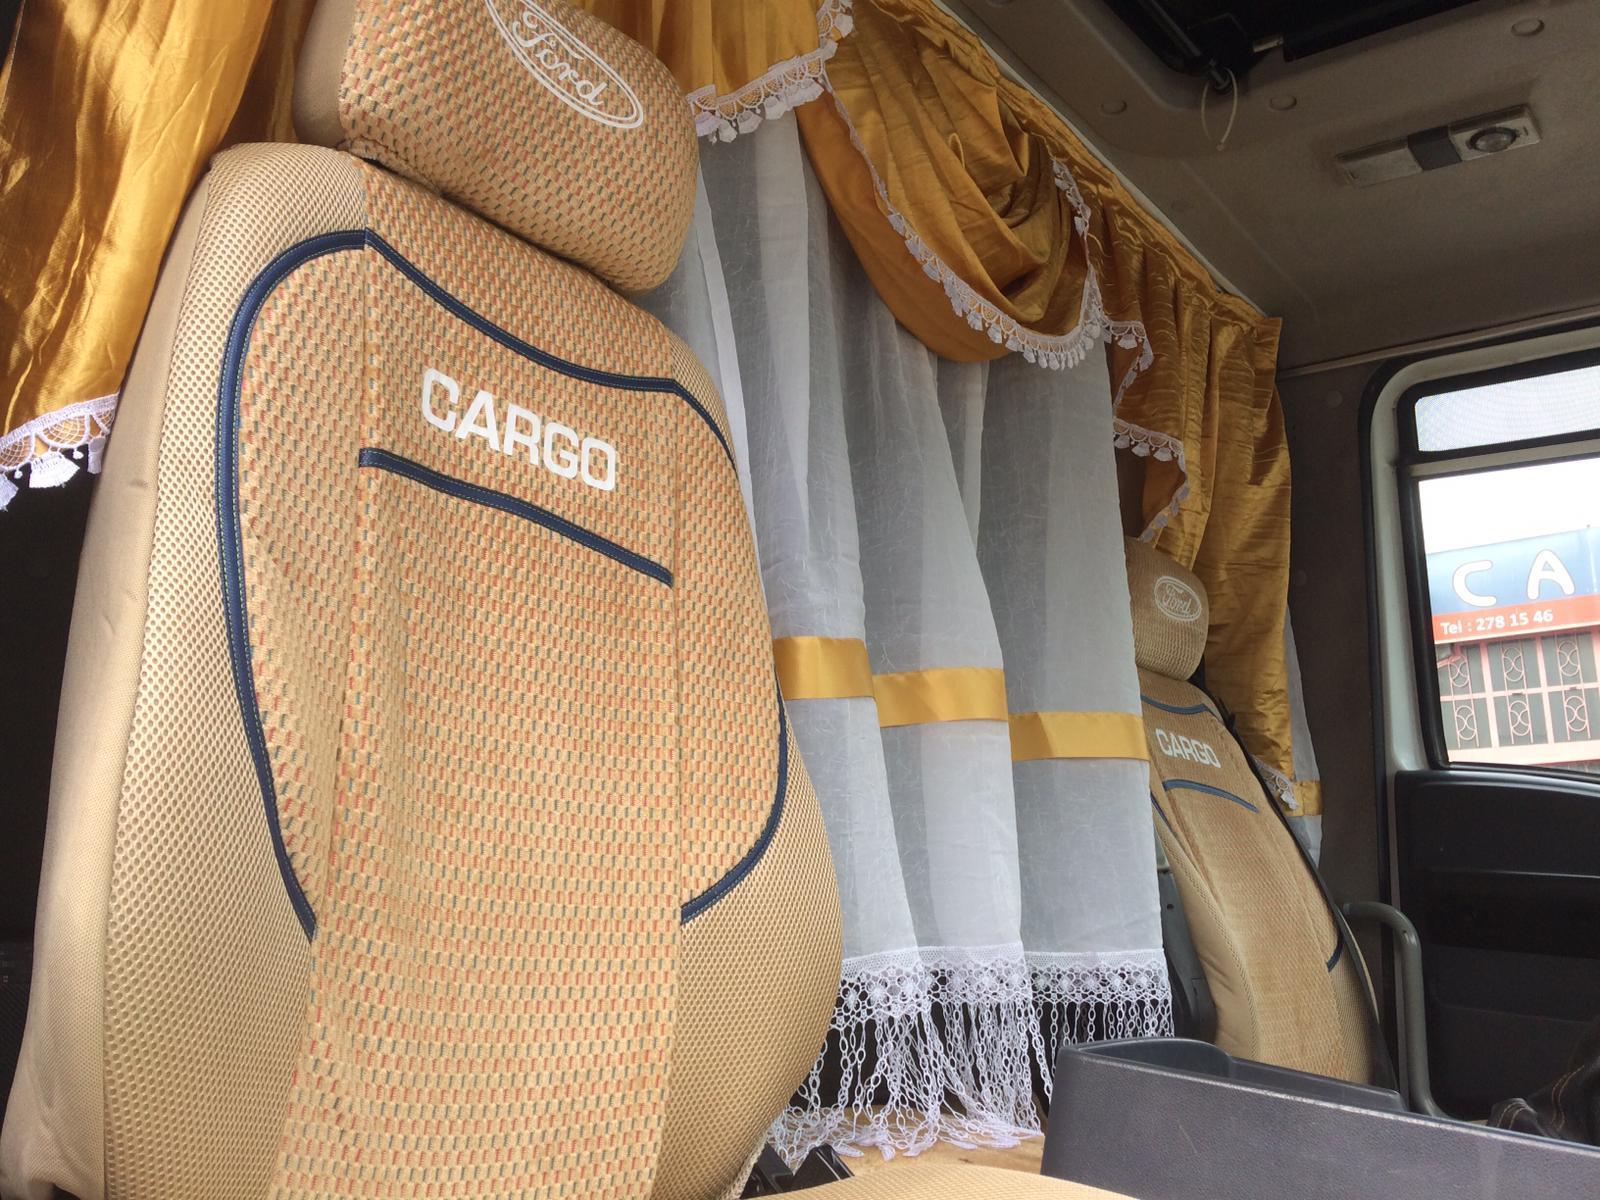 Ford cargo iç döşeme